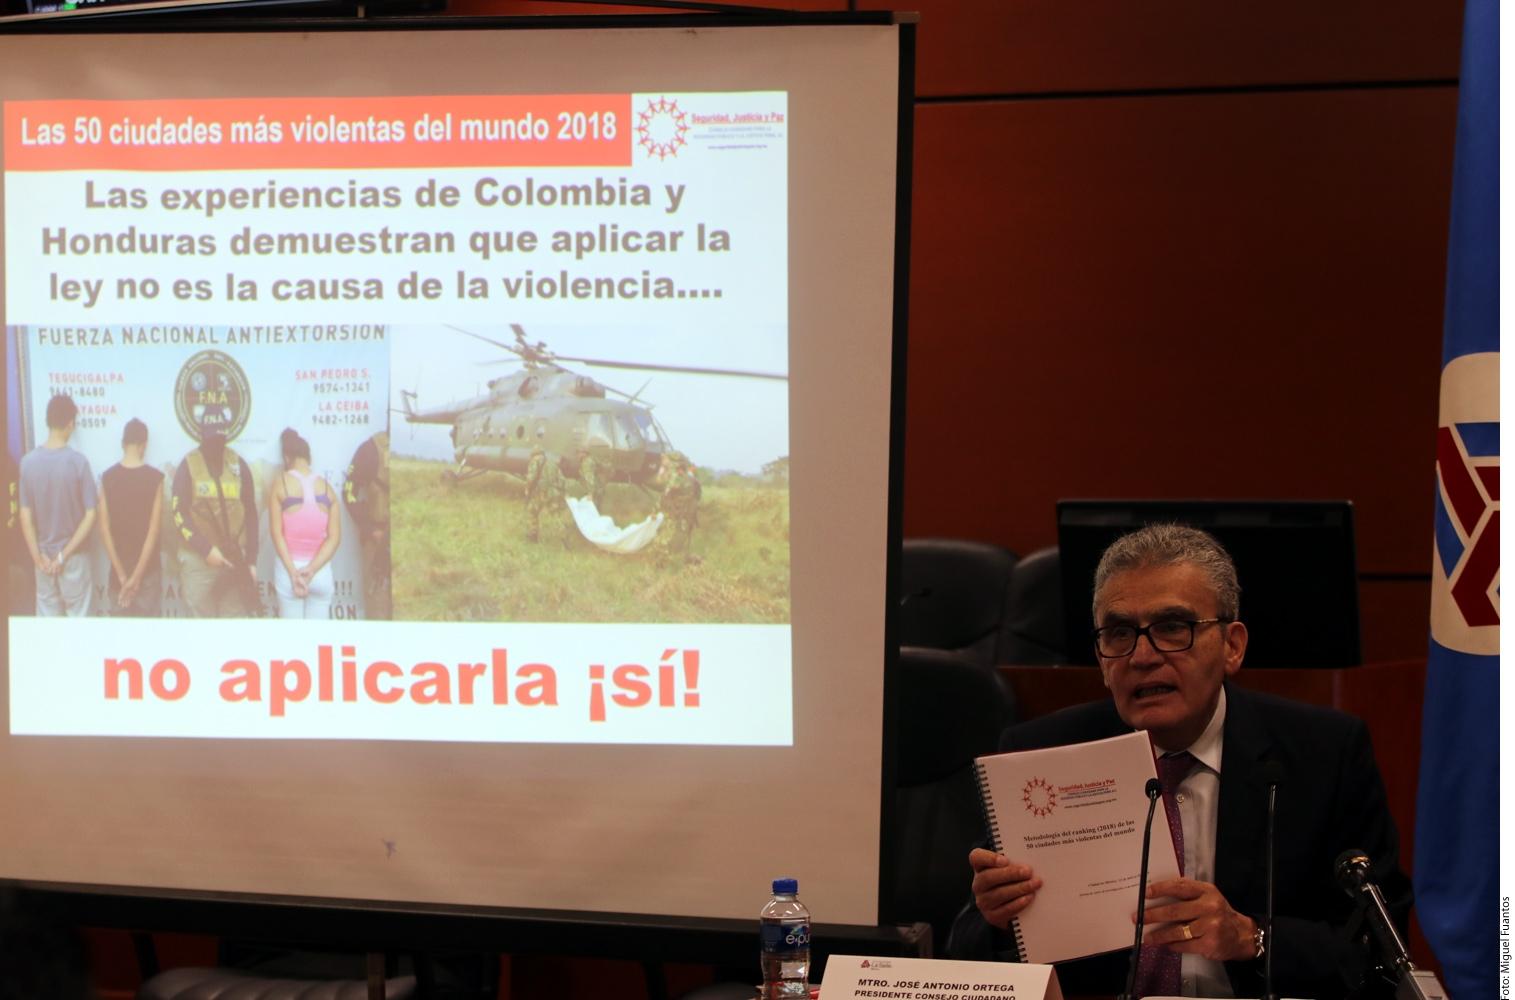 México tiene las 5 ciudades más violentas del mundo: Antonio Ortega